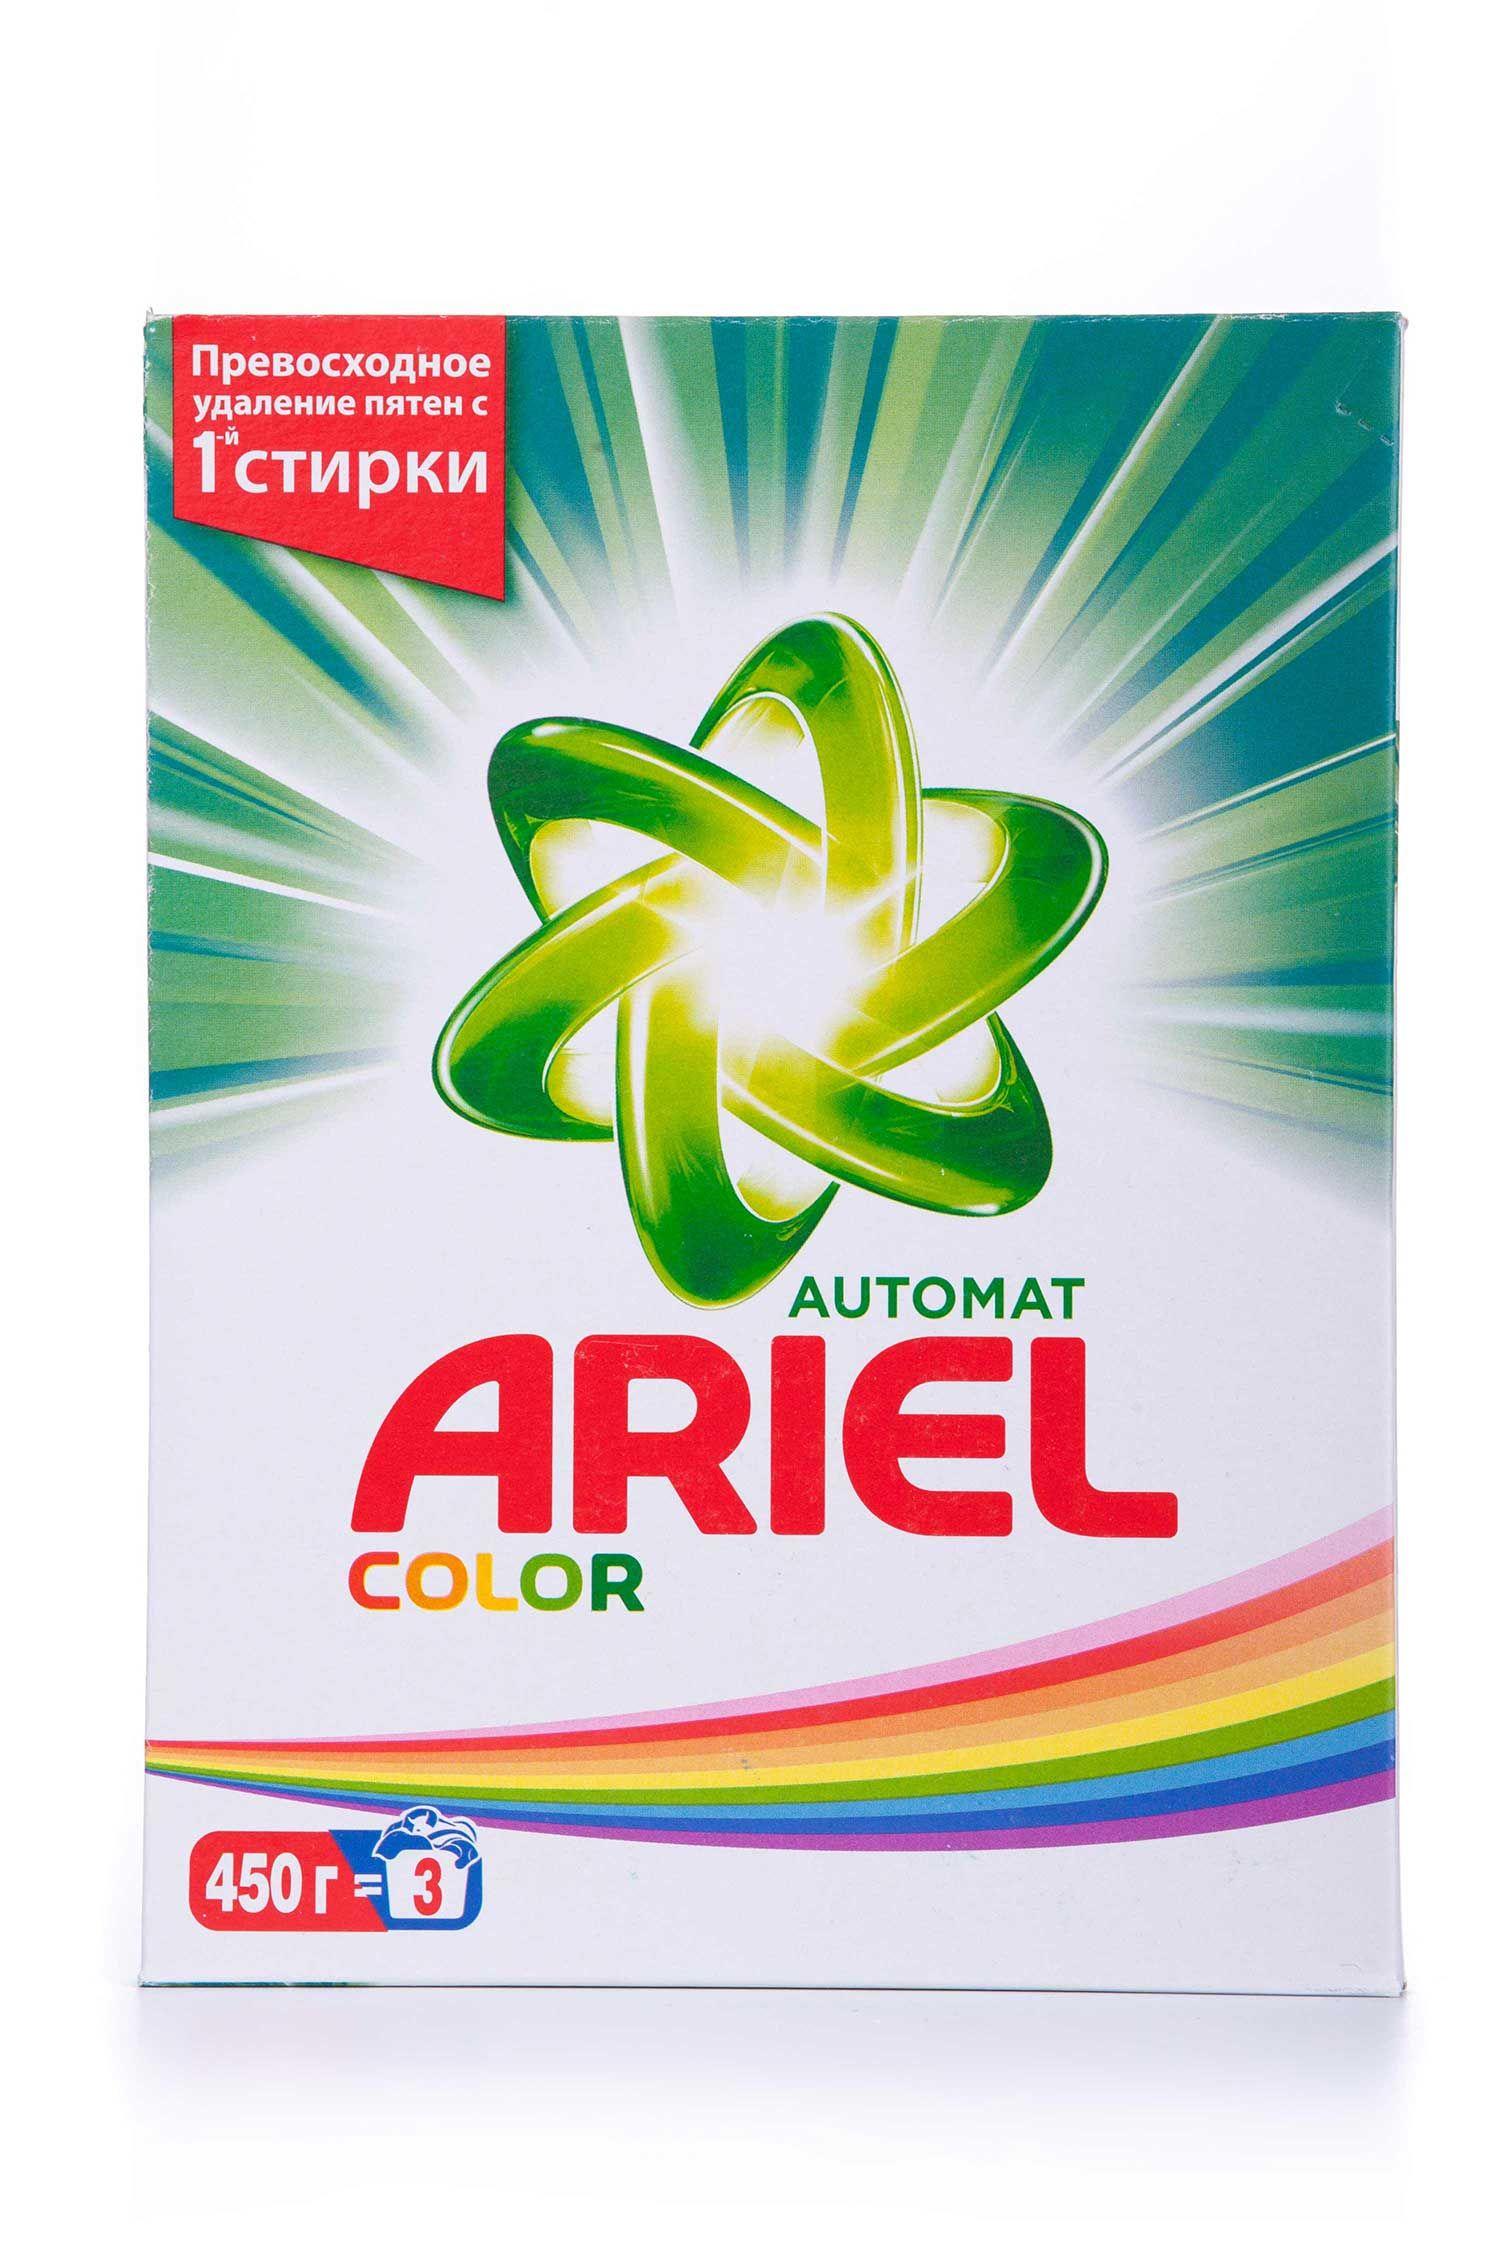 Стиральный порошок ARIEL 450 г Color